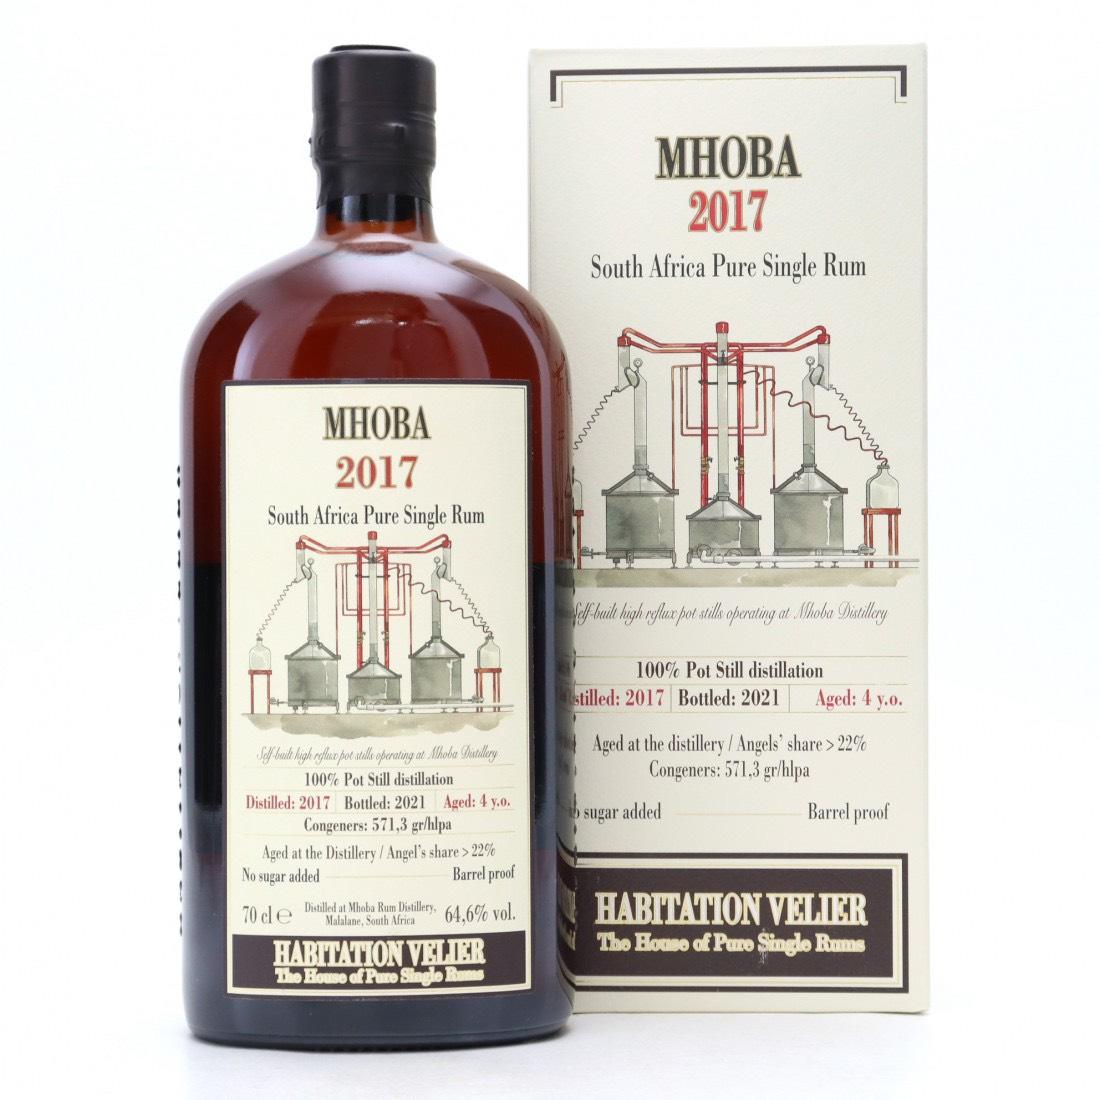 Bottle image of 2017